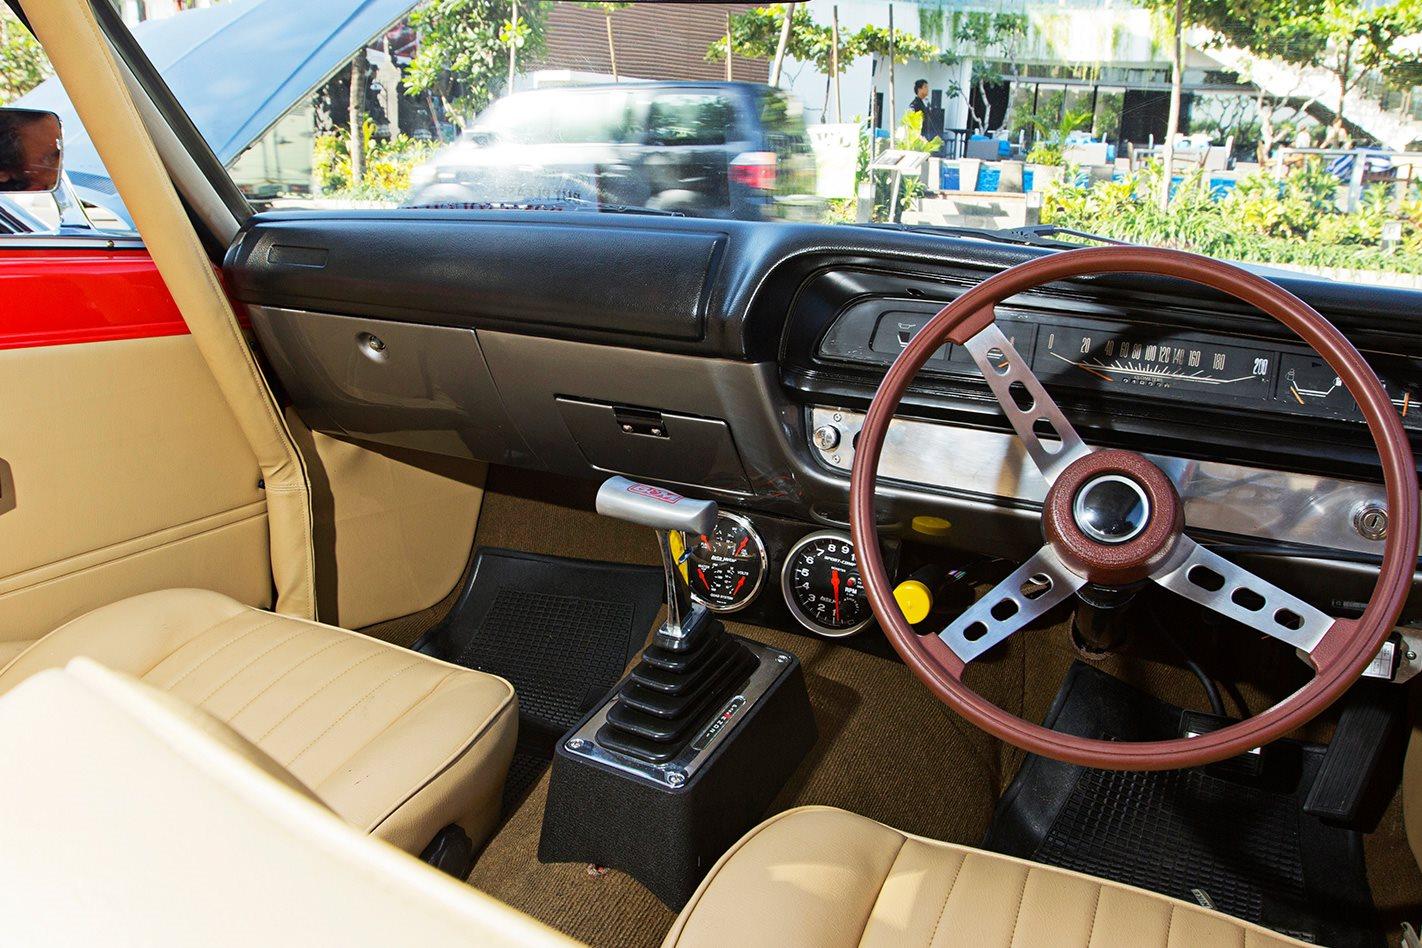 1974-VJ-Regal-Valiant-interior.jpg